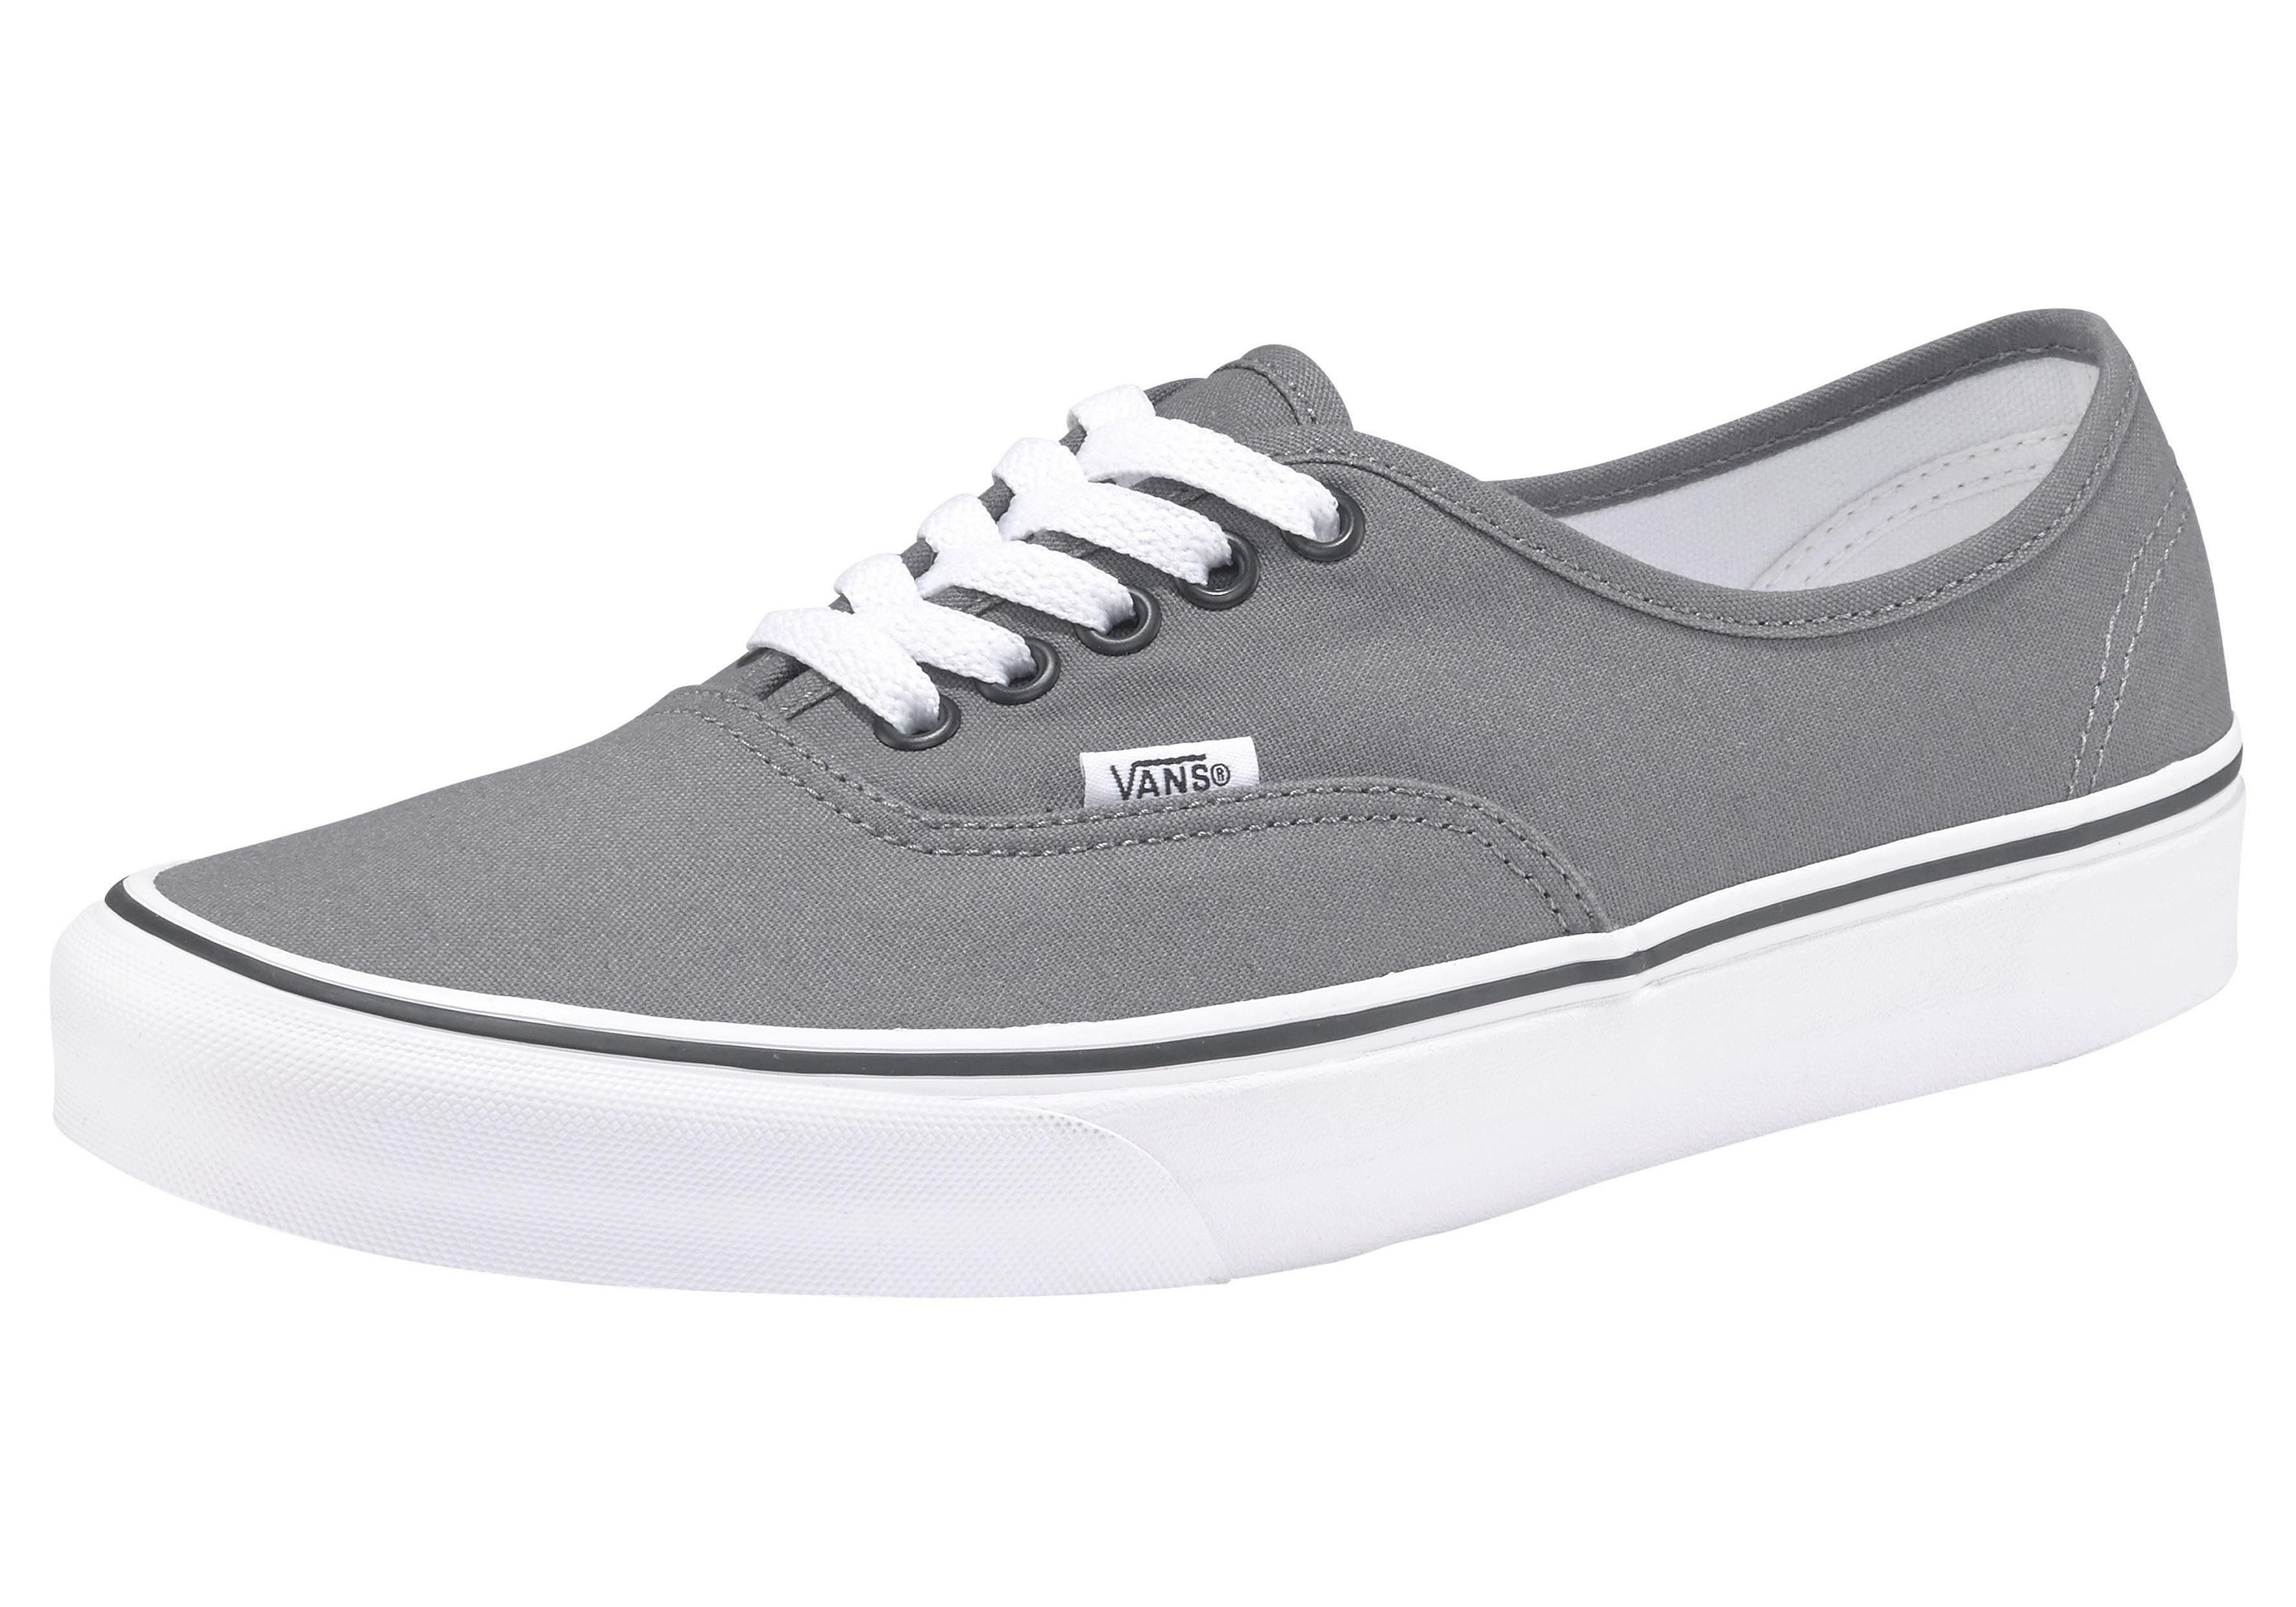 Vans Authentic Sneaker online kaufen  grau-weiß